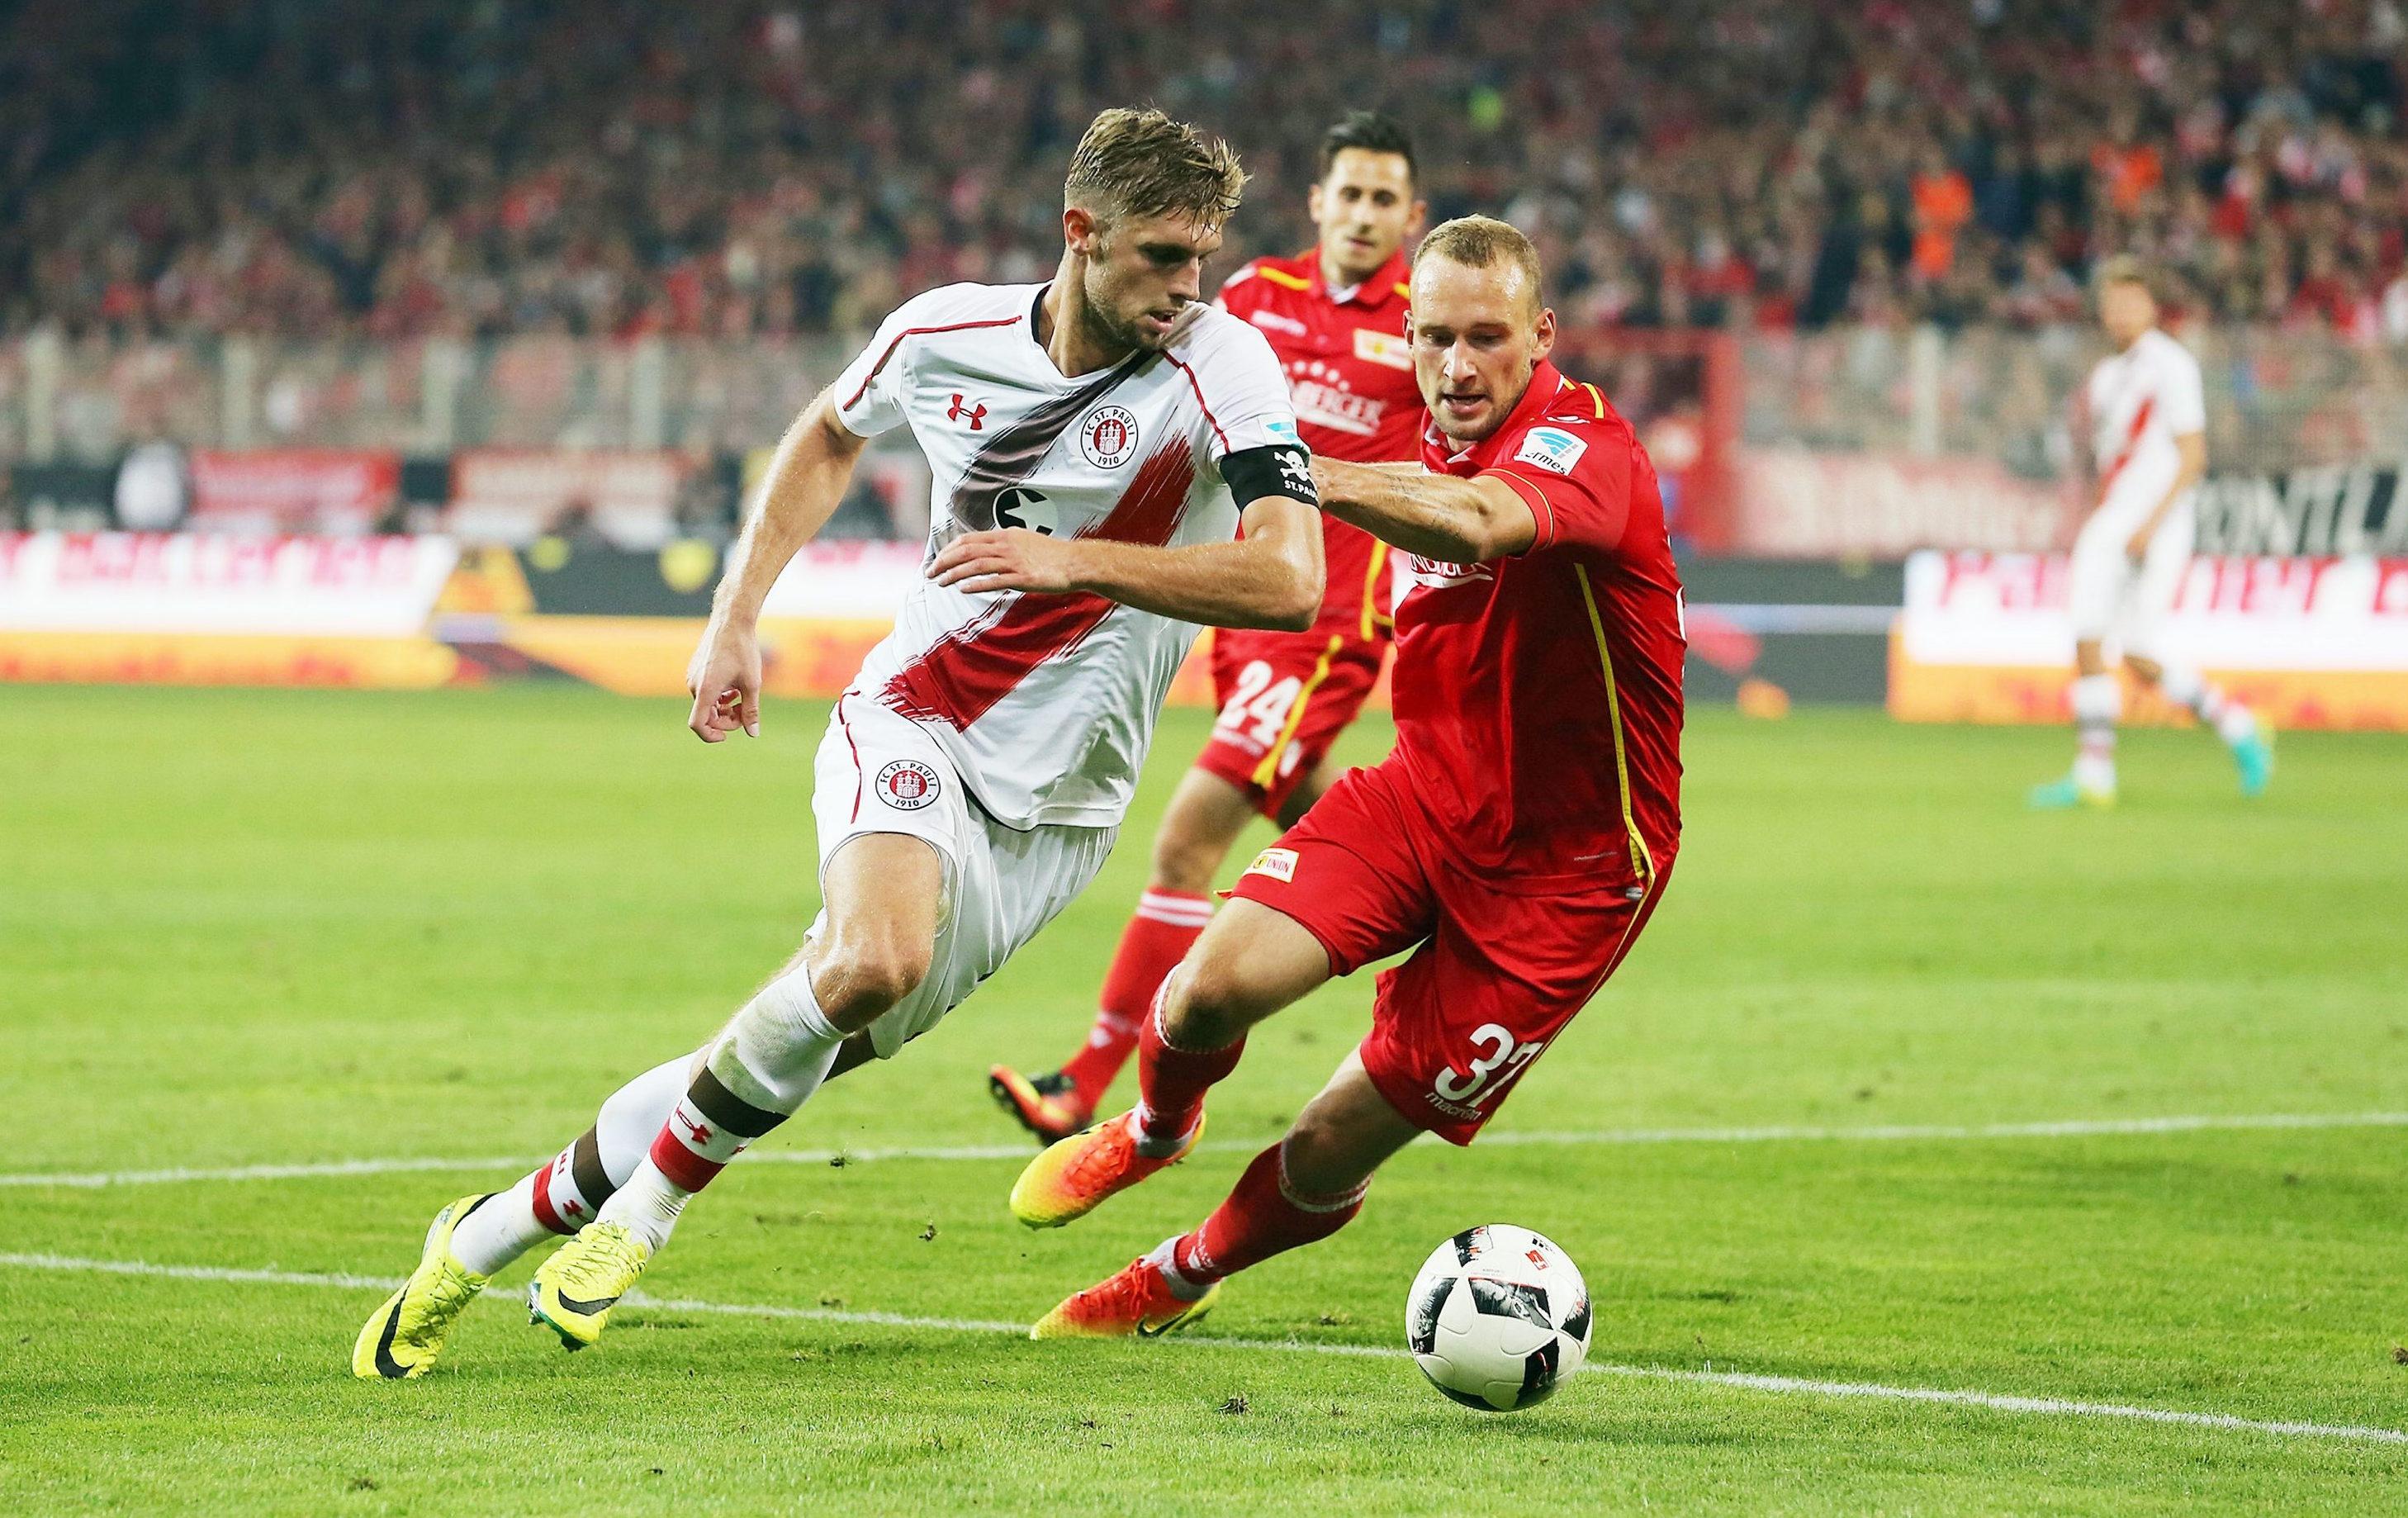 Zu Gast beim 1. FC Union Berlin – Ausverkauft!